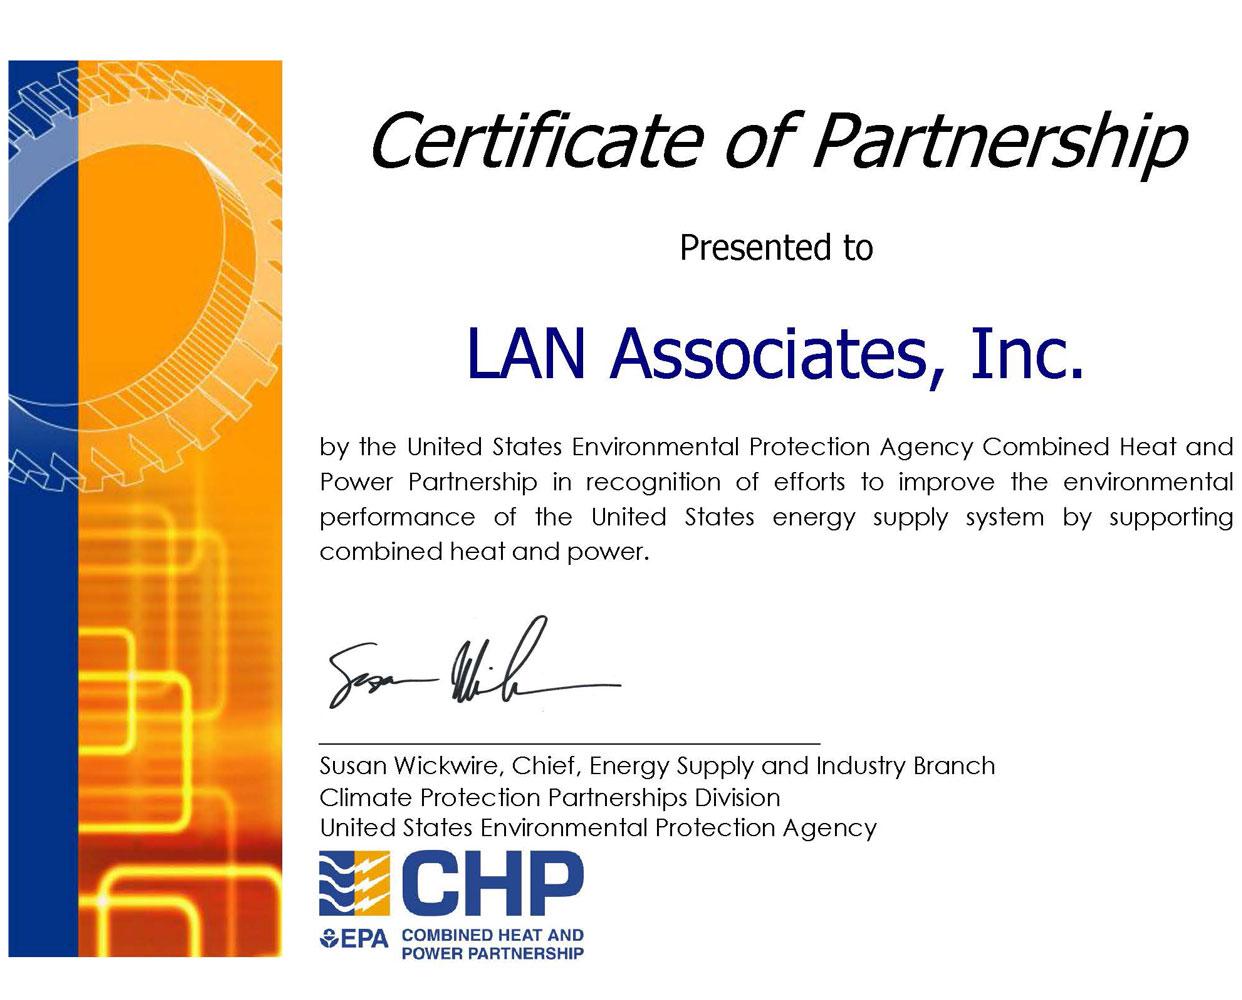 Partnership-certificate_LAN-1000